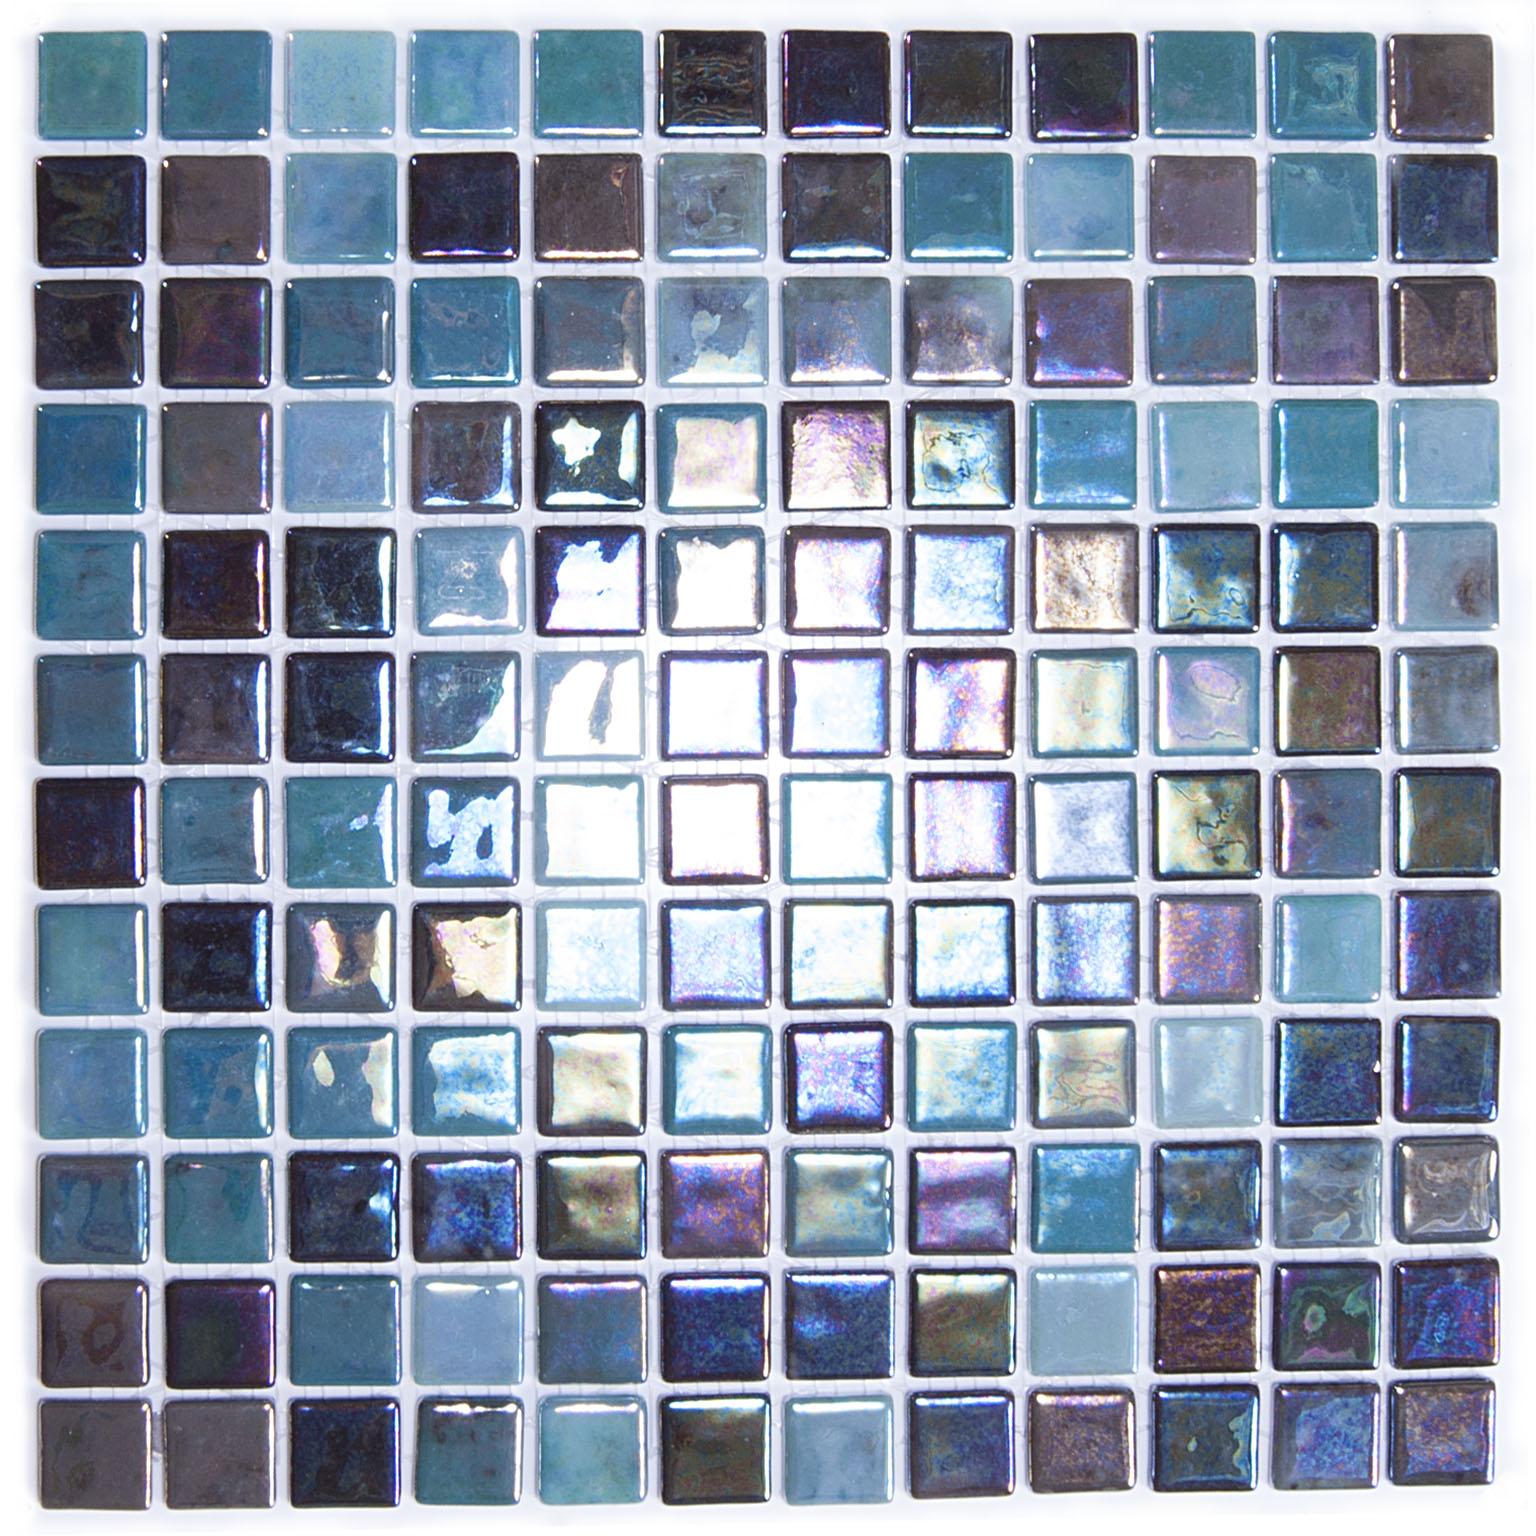 פסיפס לבריכה בגוון כחול טורקיז